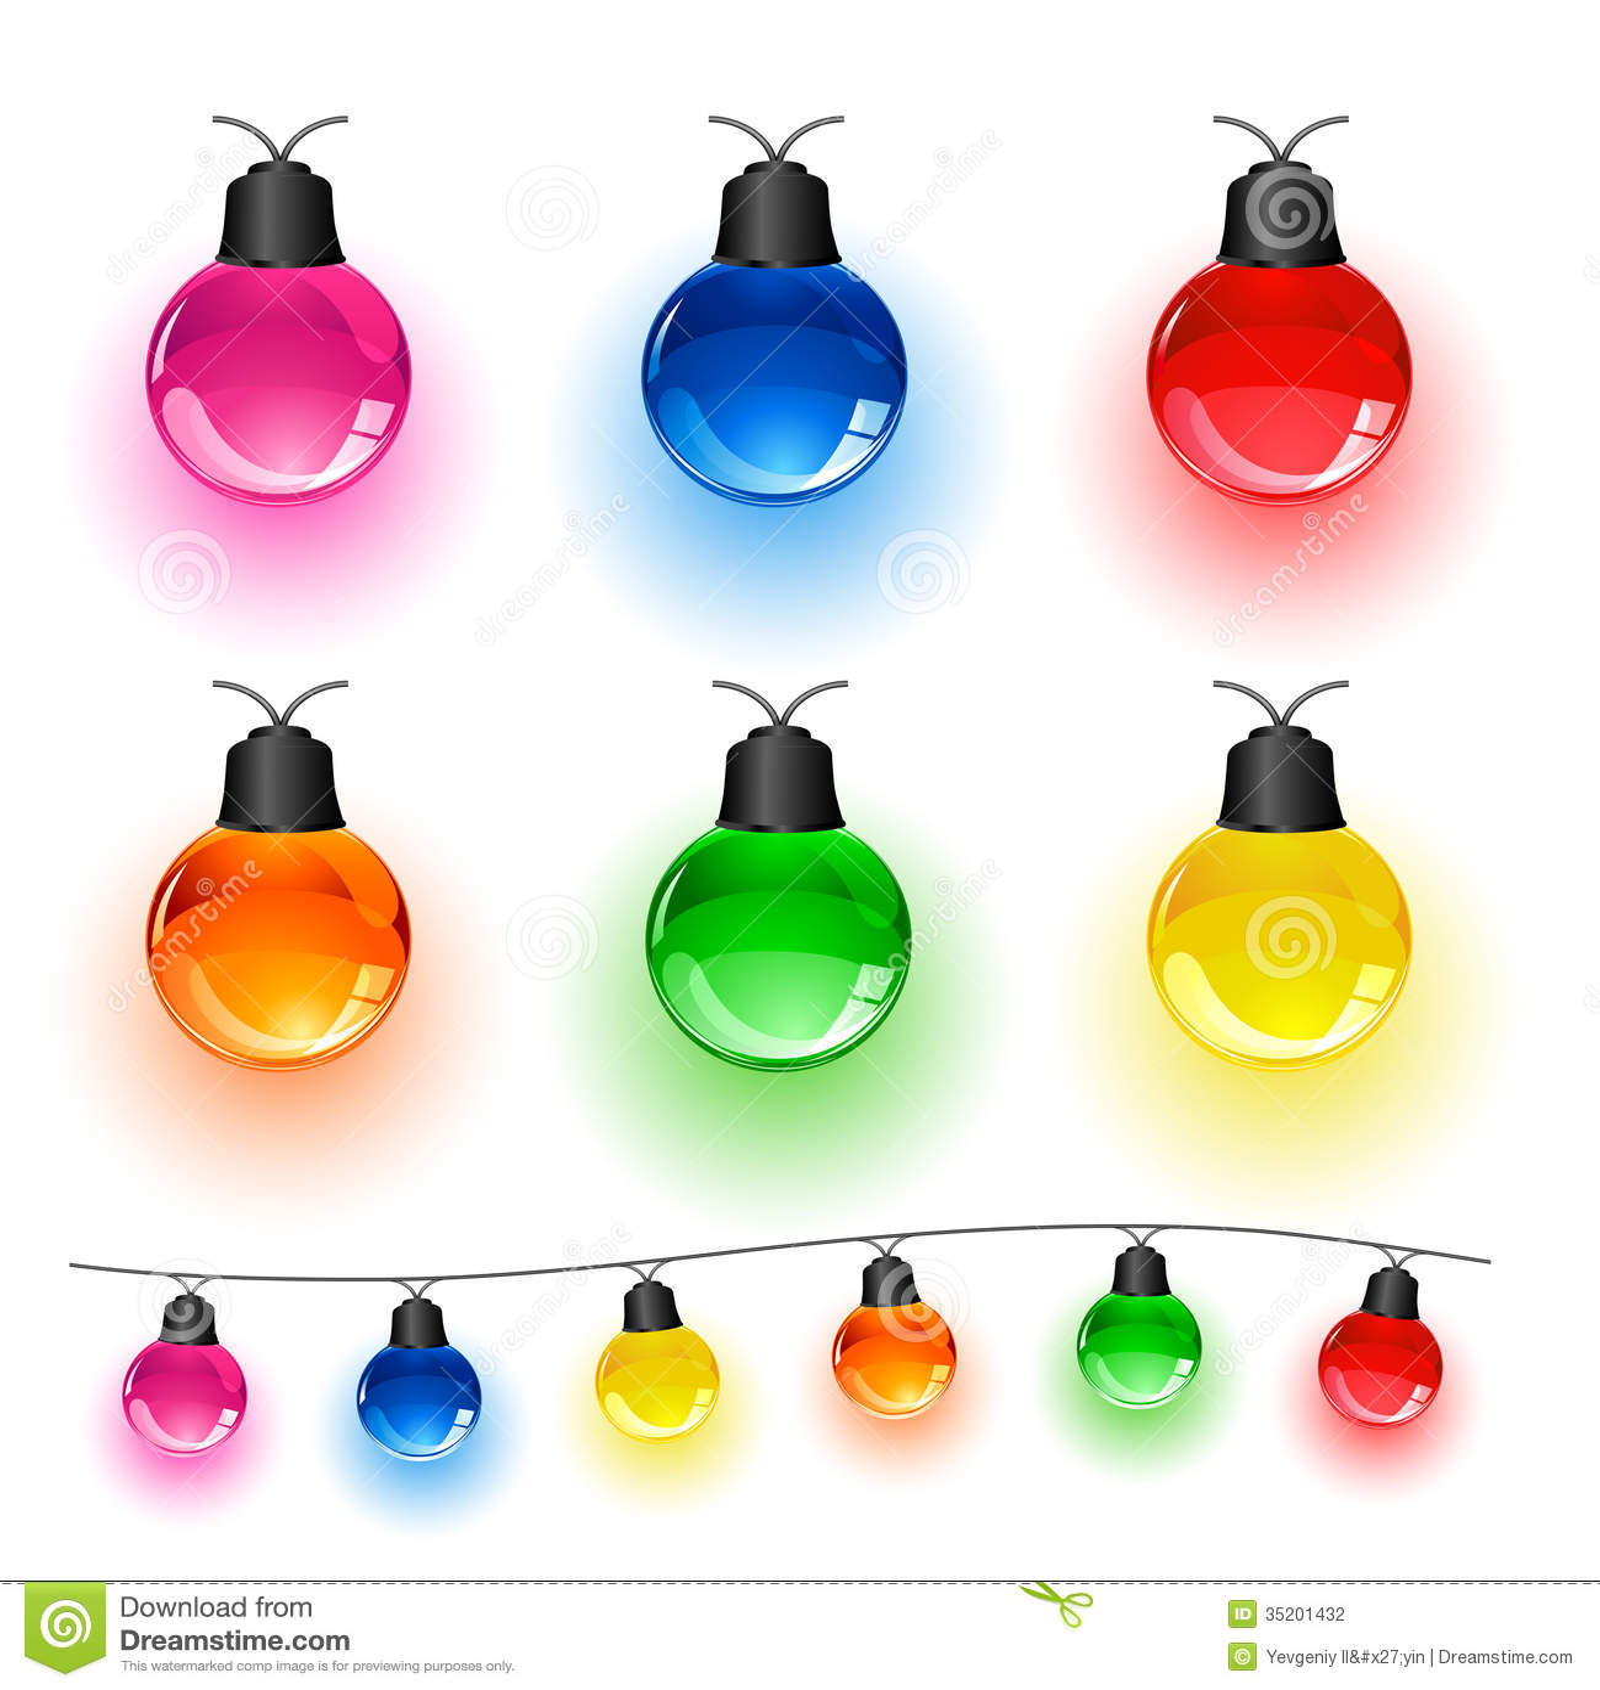 How To Set Christmas Lights To Music